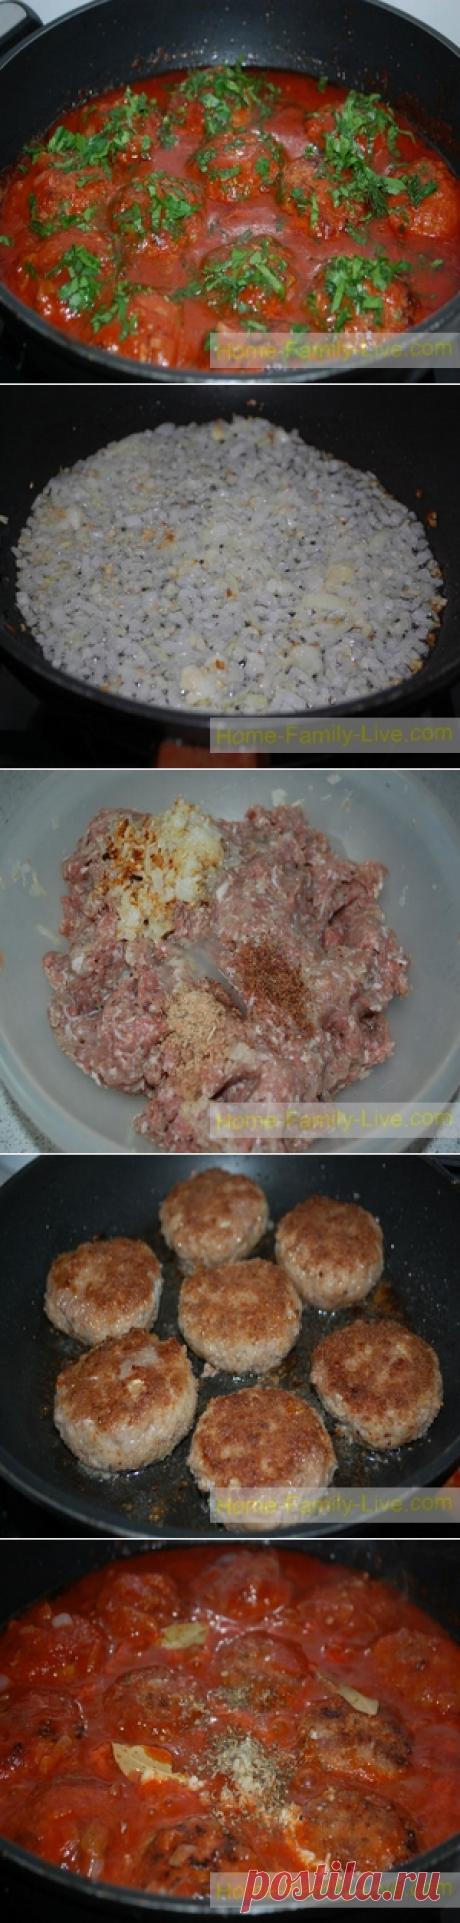 Котлеты в соусе/Сайт с пошаговыми рецептами с фото для тех кто любит готовить